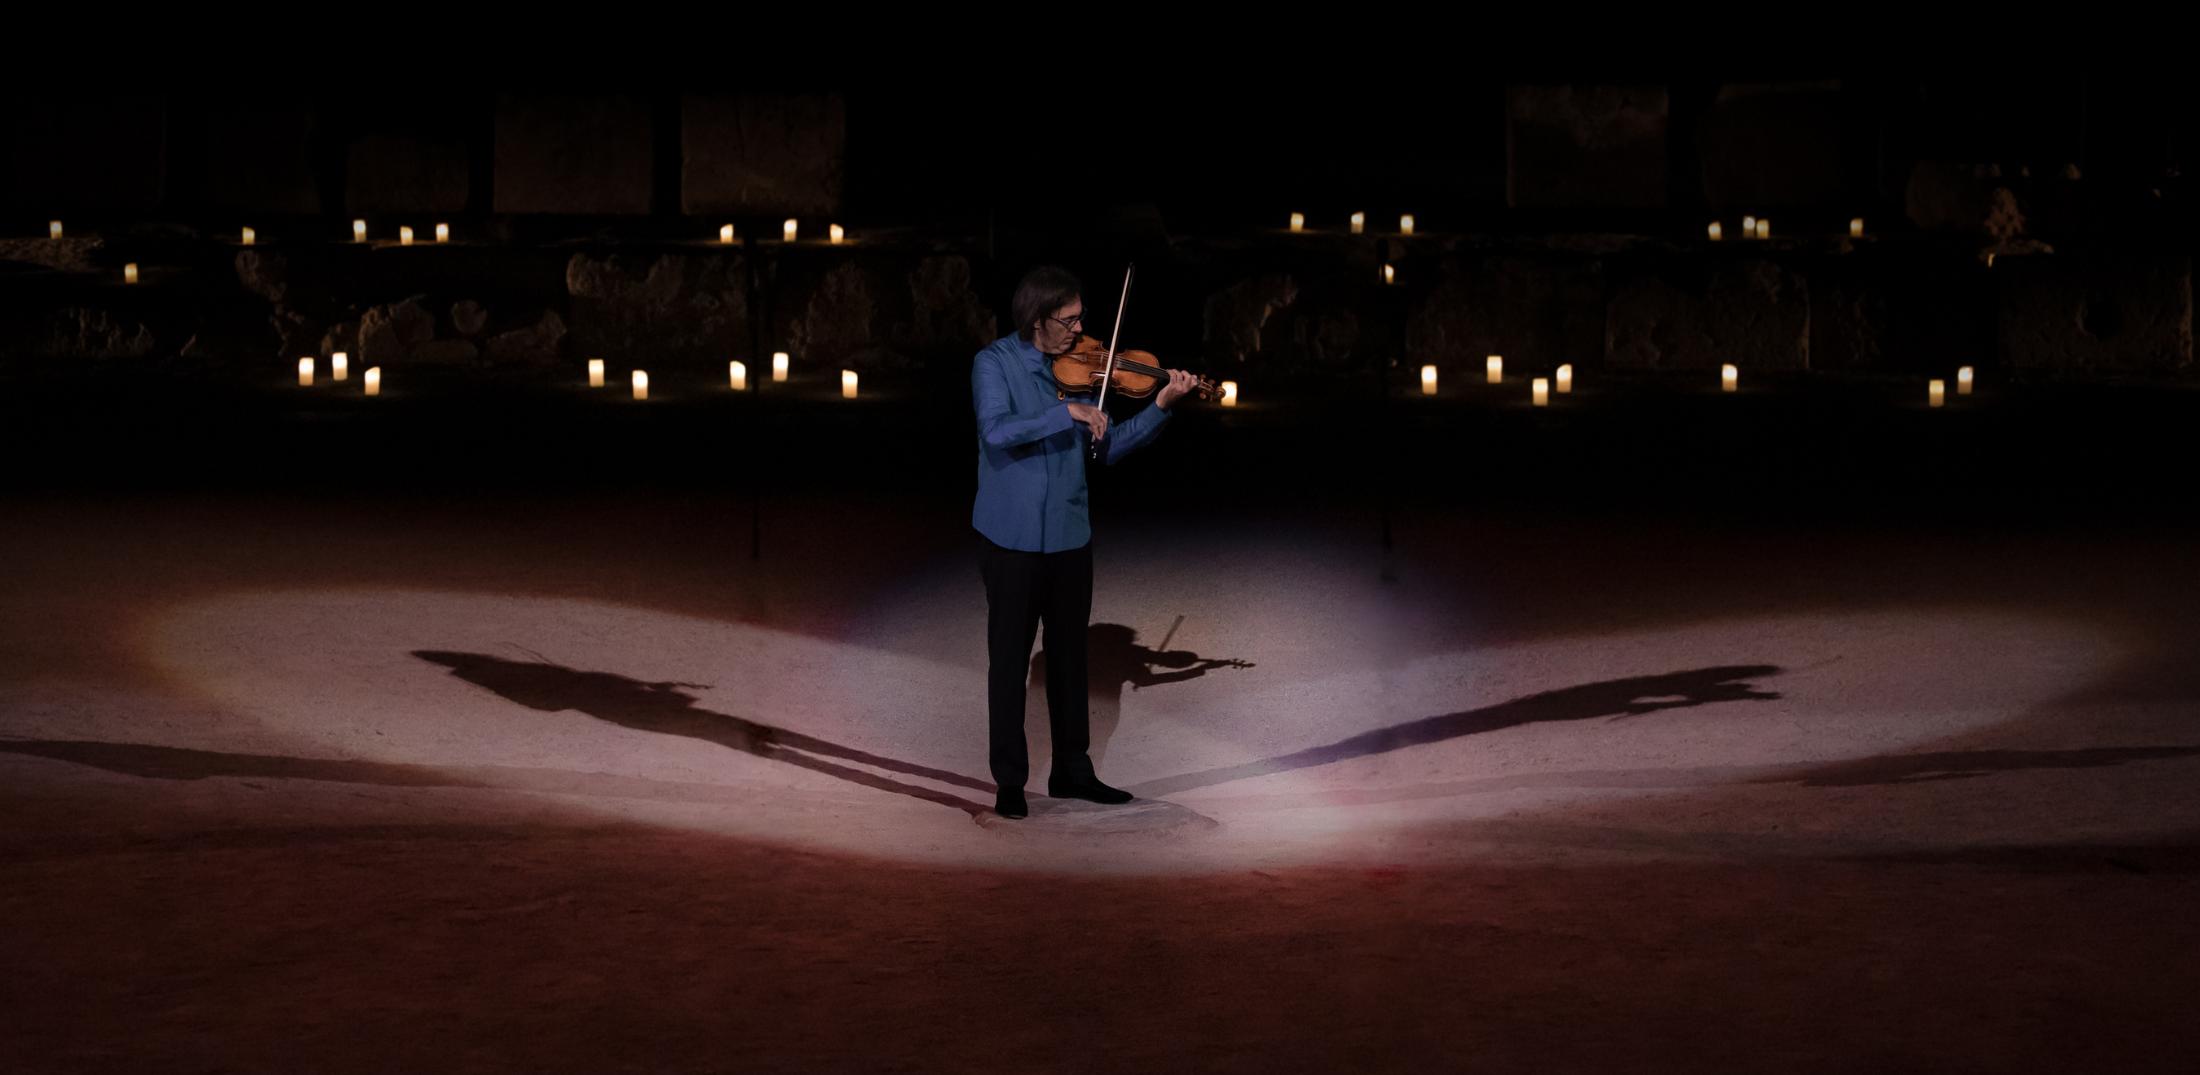 Πρωτοχρονιάτικη προβολή Ο Λεωνίδας Καβάκος ερμηνεύει Bach στην Επίδαυρο_zvoura.gr